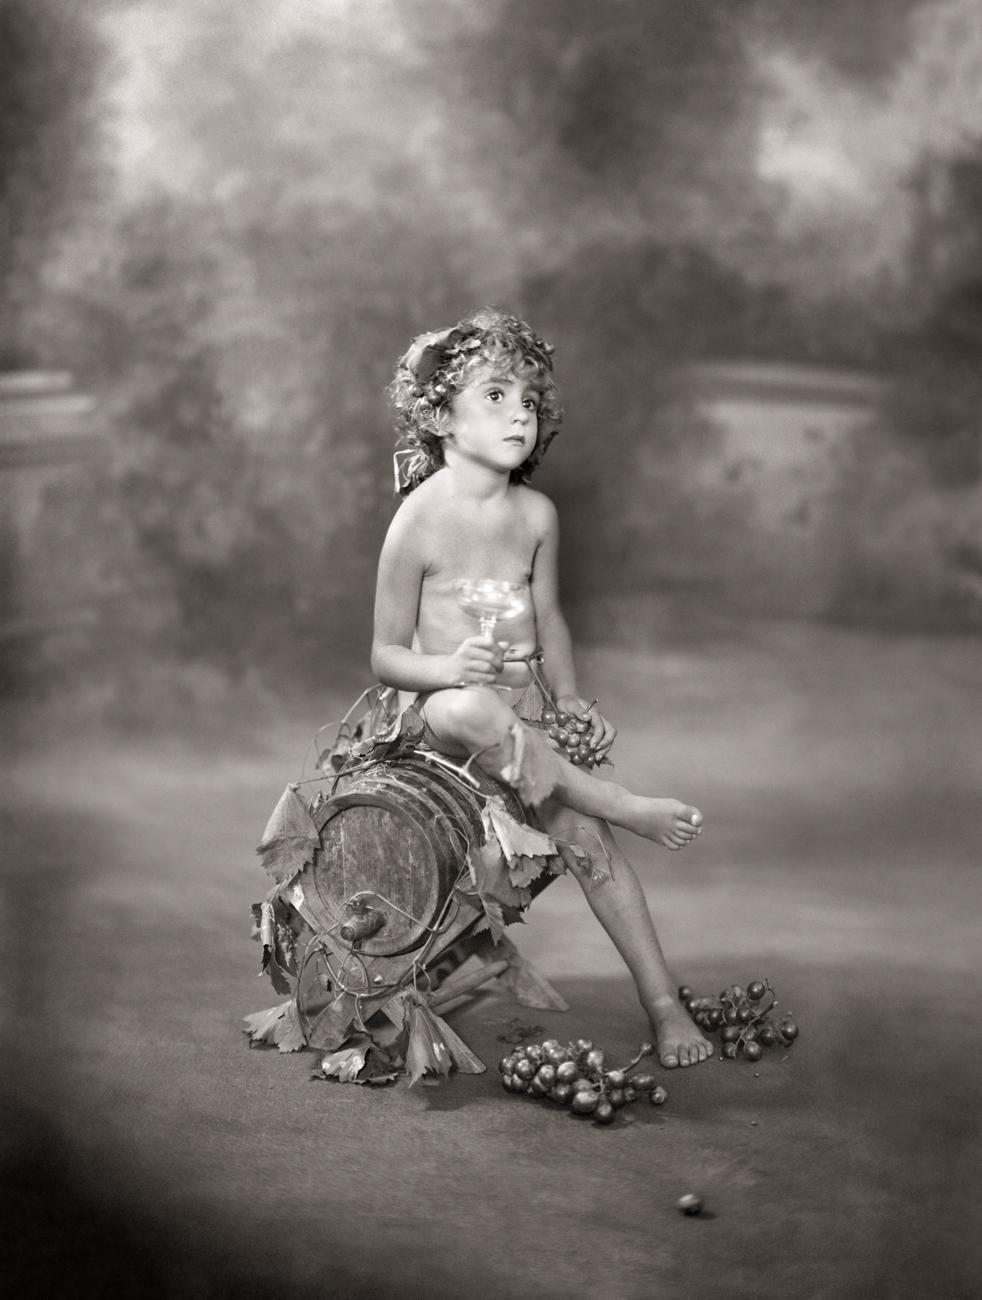 Retrato de un niño disfrazado de Baco<br/>Gelatina de plata / Silver gelatin